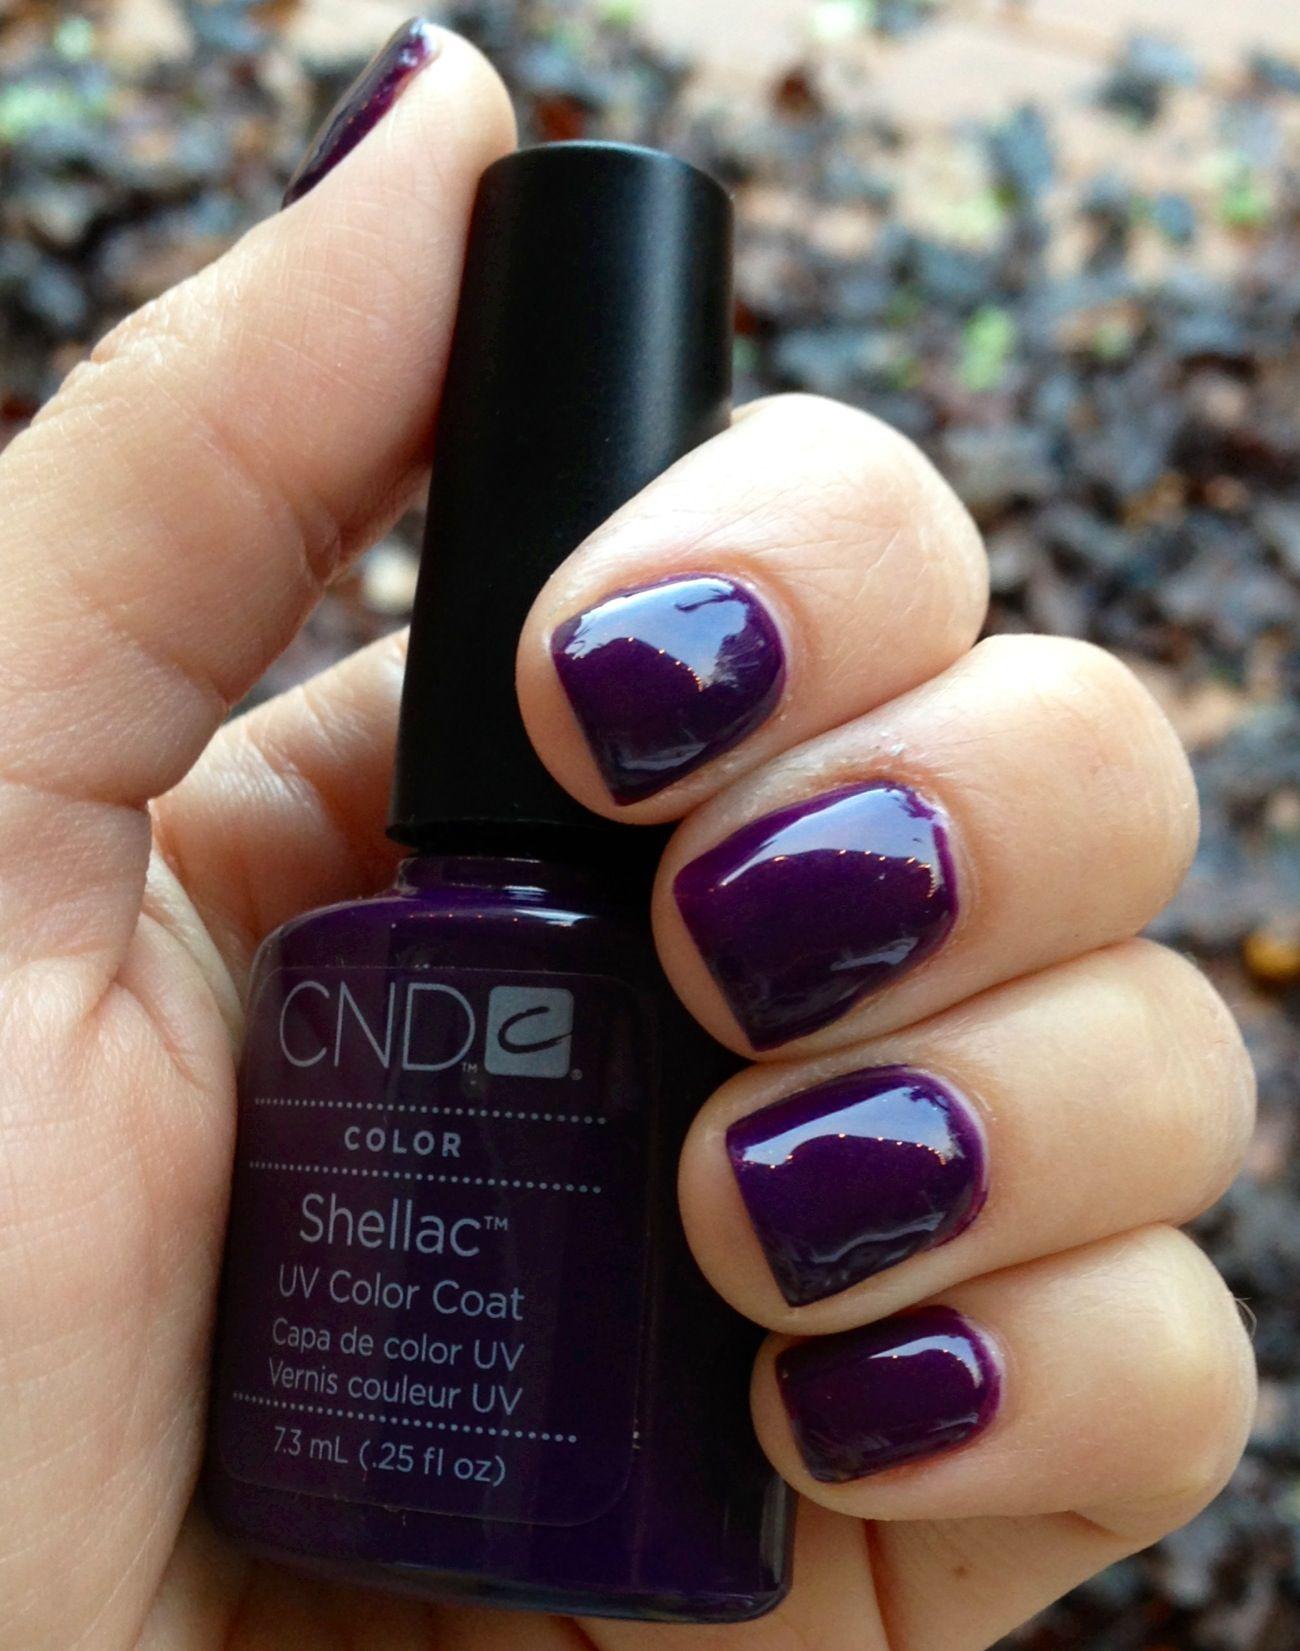 Shellac UV Color Coat Rock Royalty   Nails (Kerri)   Pinterest ...